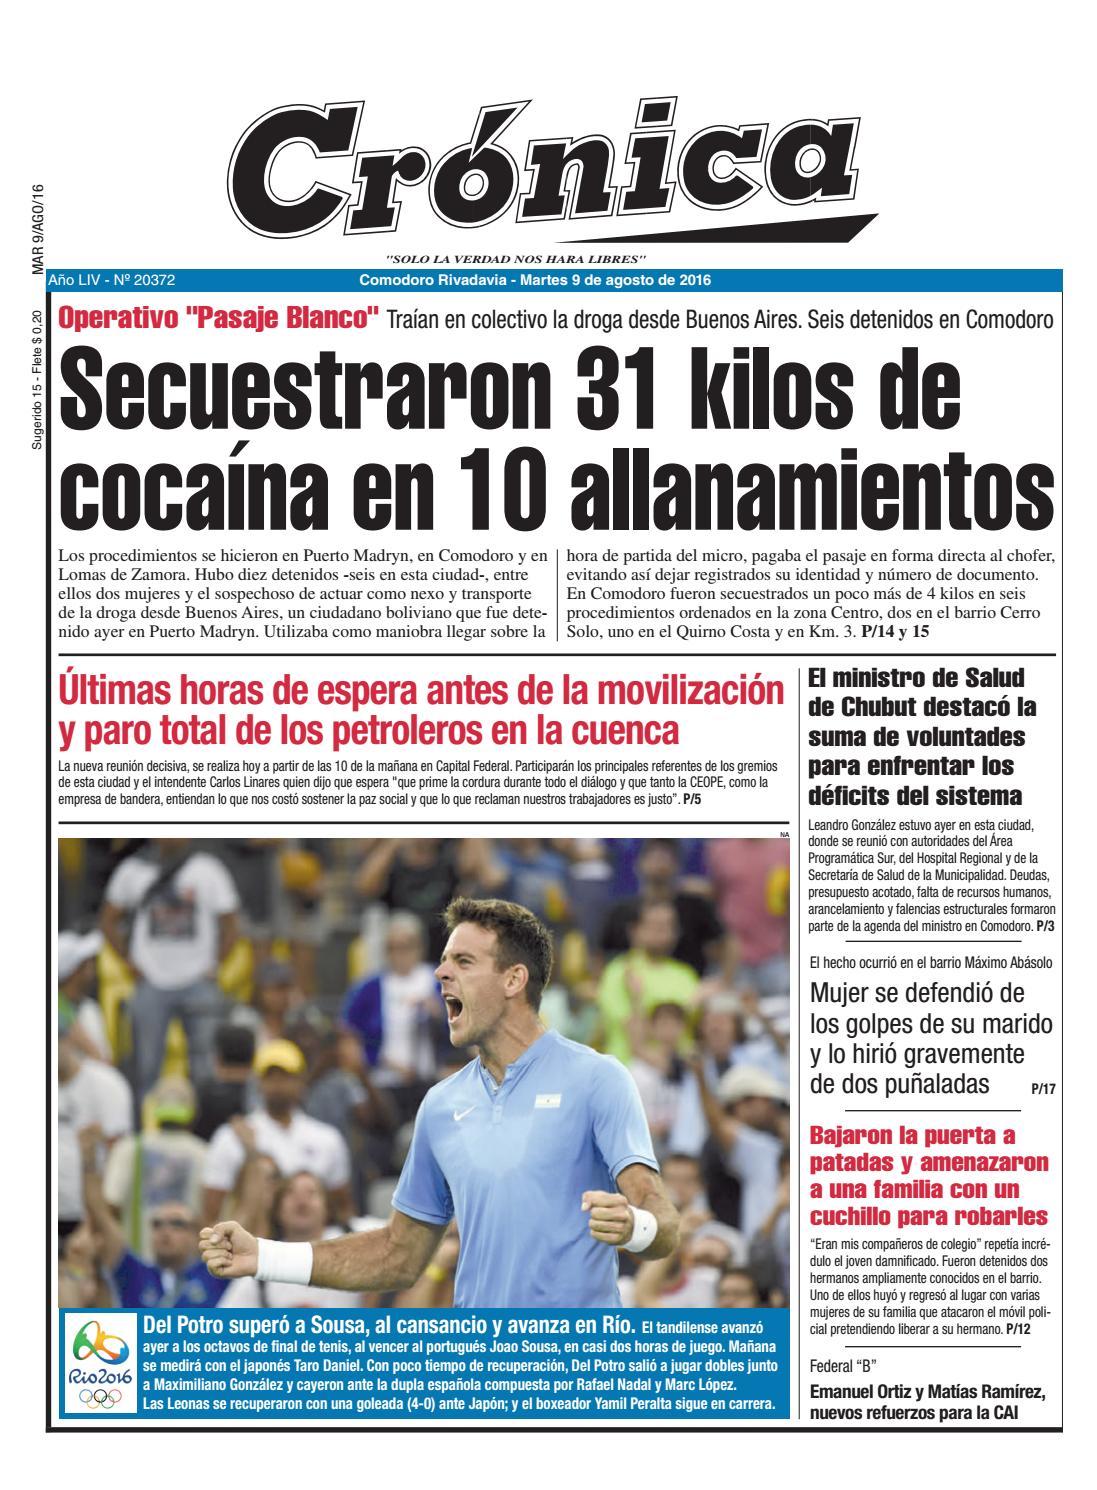 e38b5bb8f 502dfa8d2e225a7726fb2de99d86fd63 by Diario Crónica - issuu